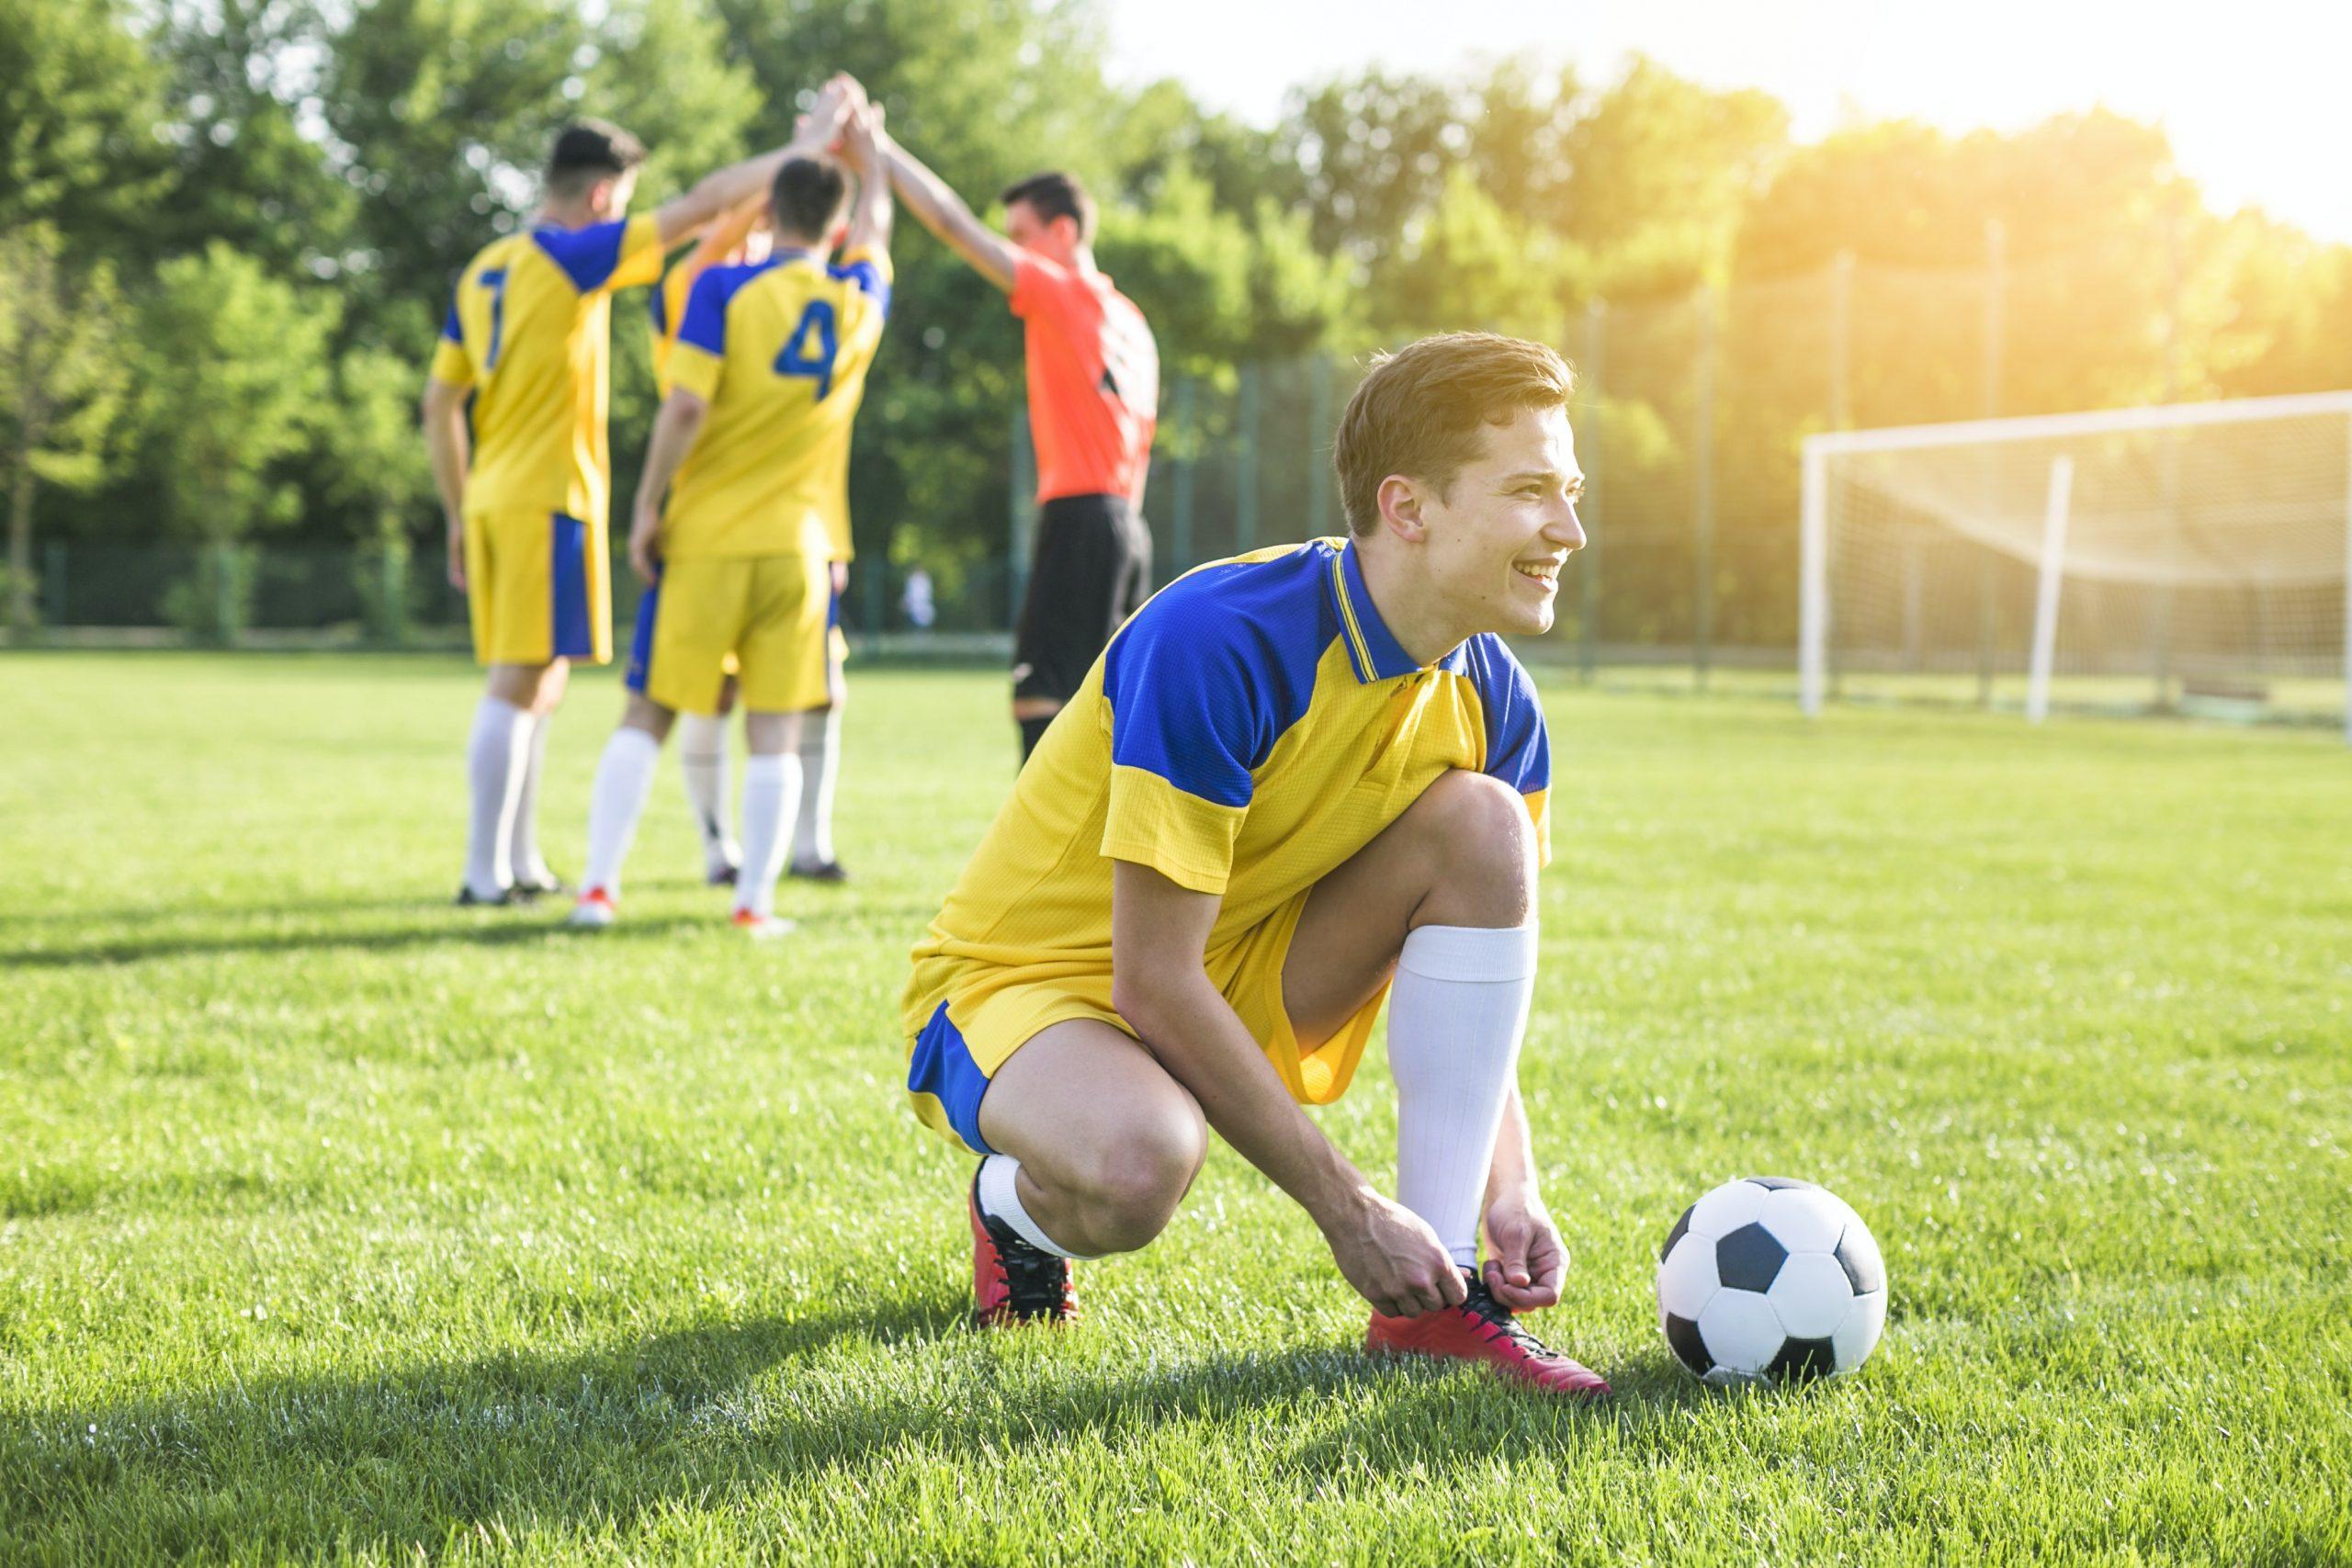 Lợi ích của bóng đá